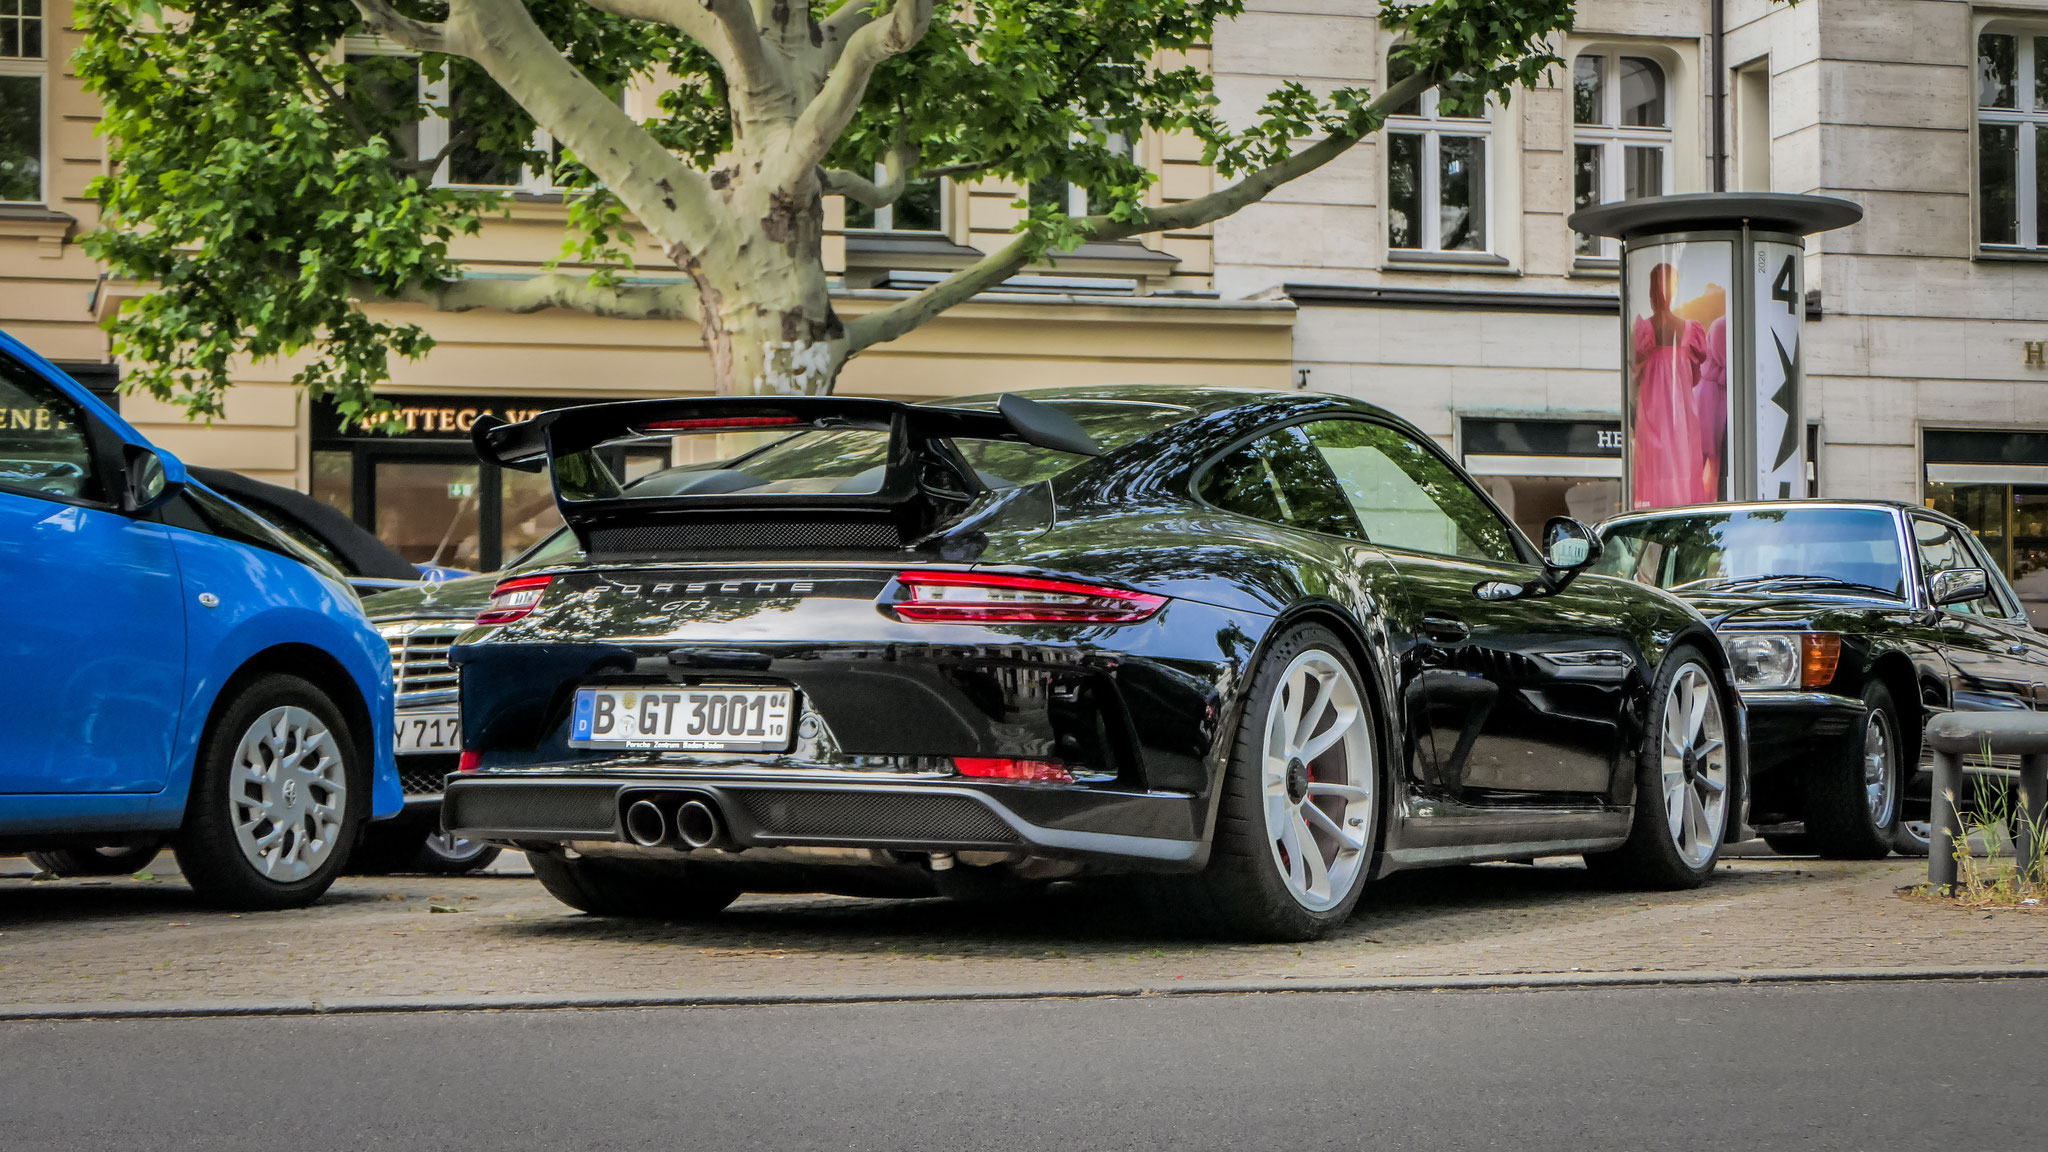 Porsche 991 GT3 - B-GT-3001